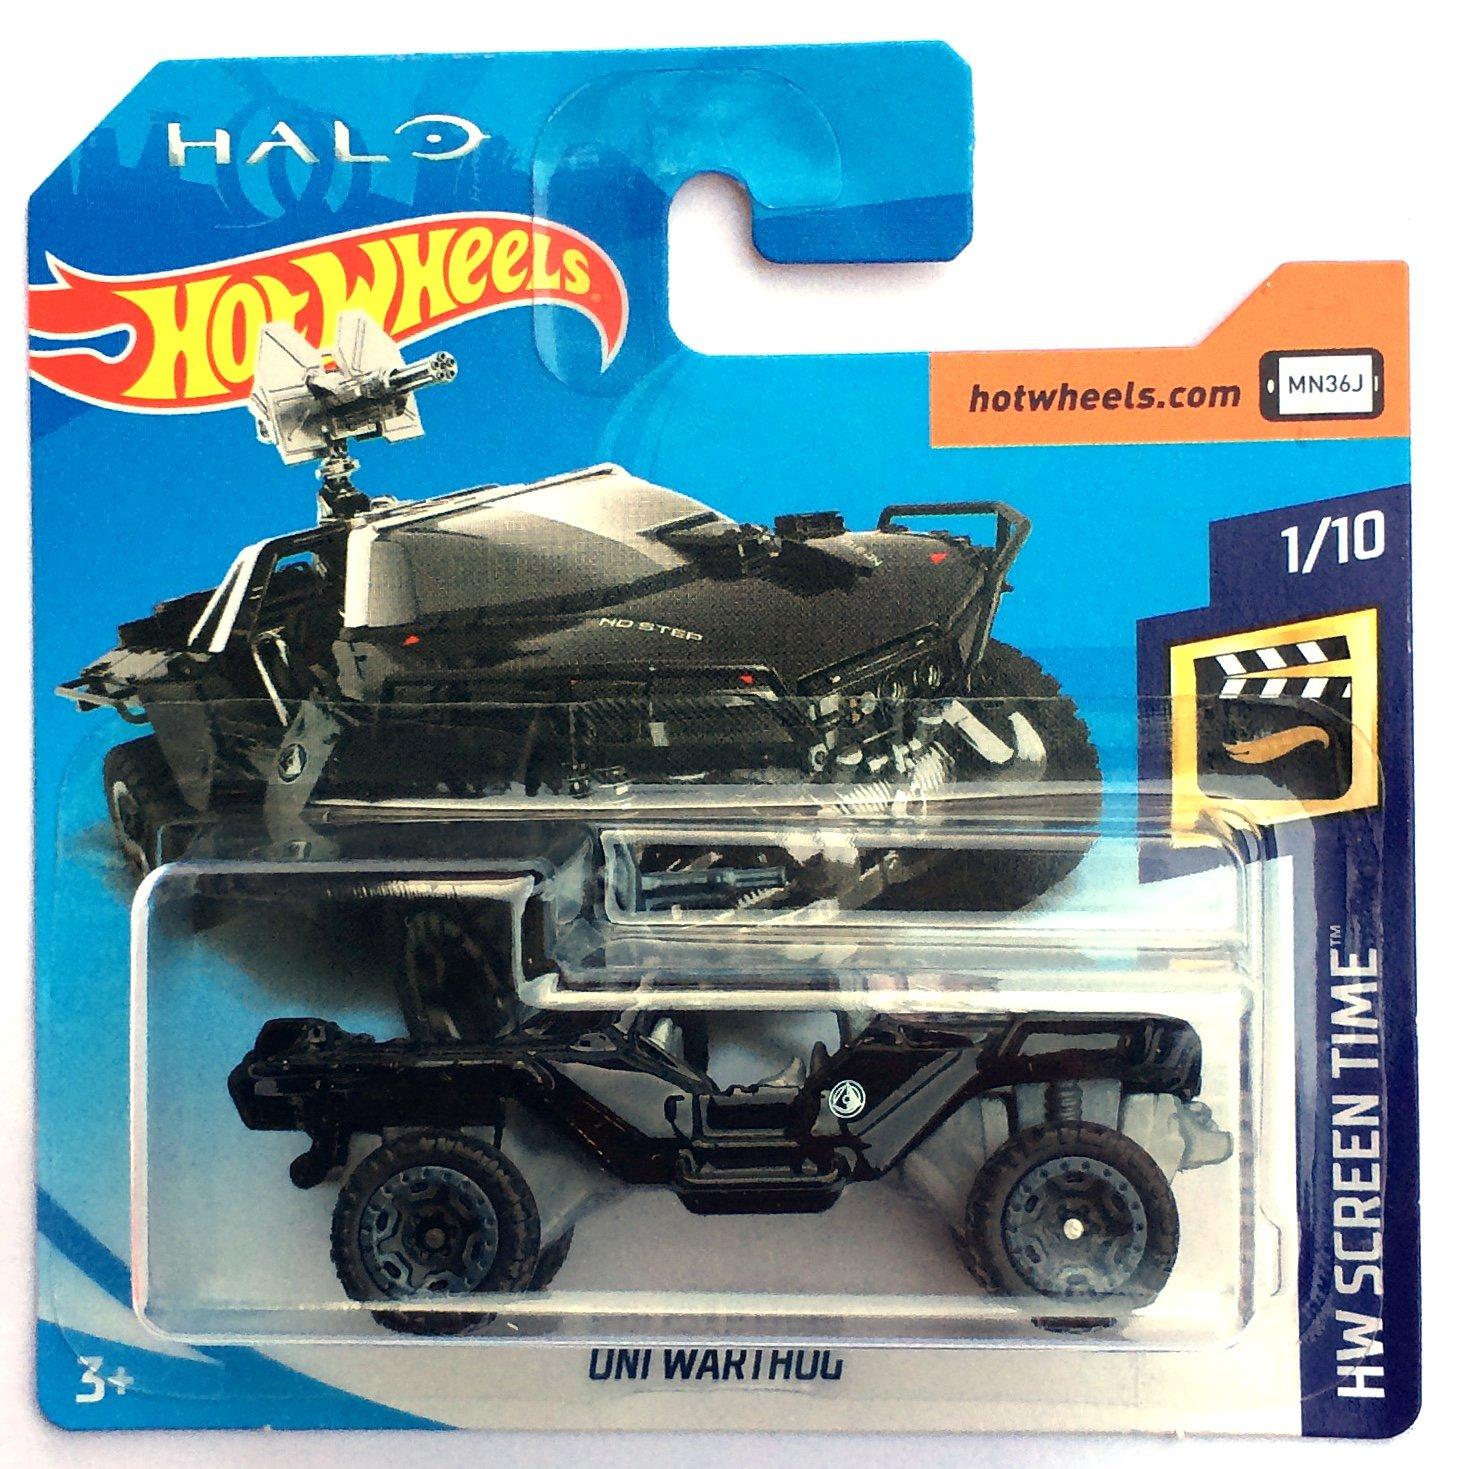 HotWheels FJW33 - HALO ONI Warthog black (HW Screen Time 1